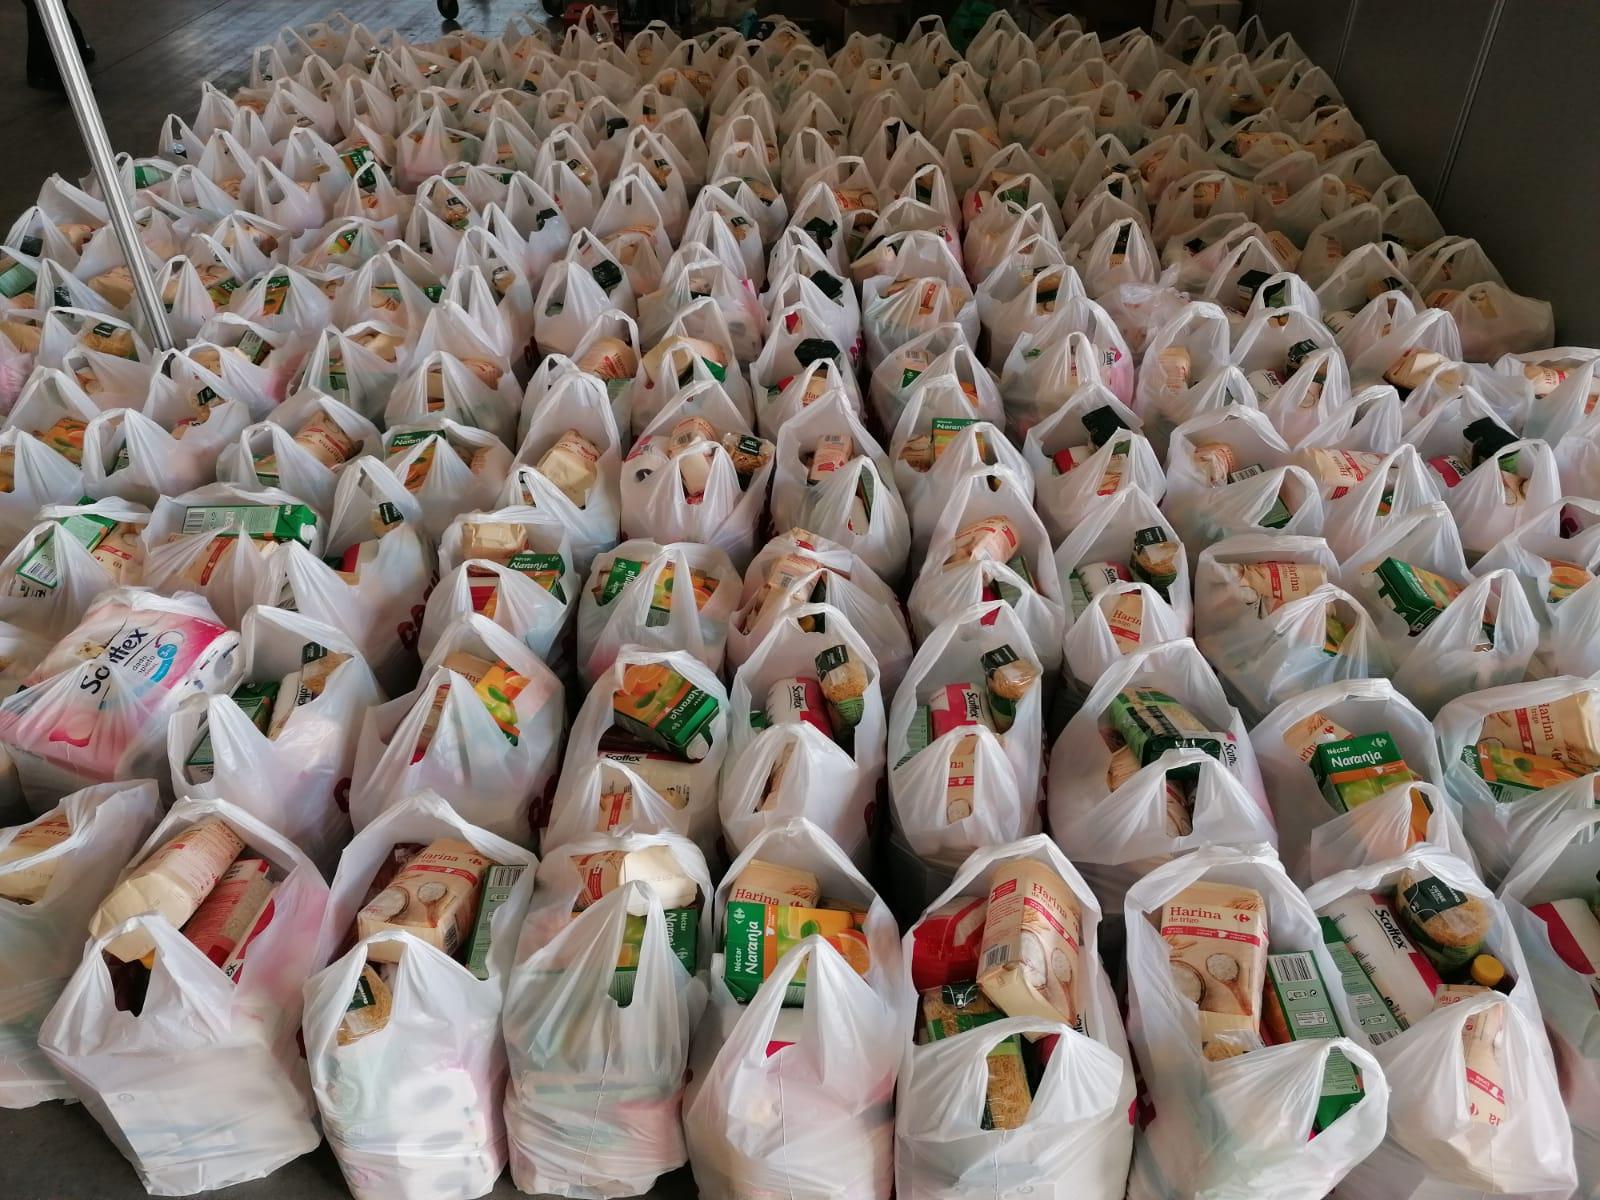 El Ayuntamiento de Talavera de la Reina adquiere otros 7.500 kilos de alimentos para el recurso extraordinario mientras se sigue recuperando la normalidad